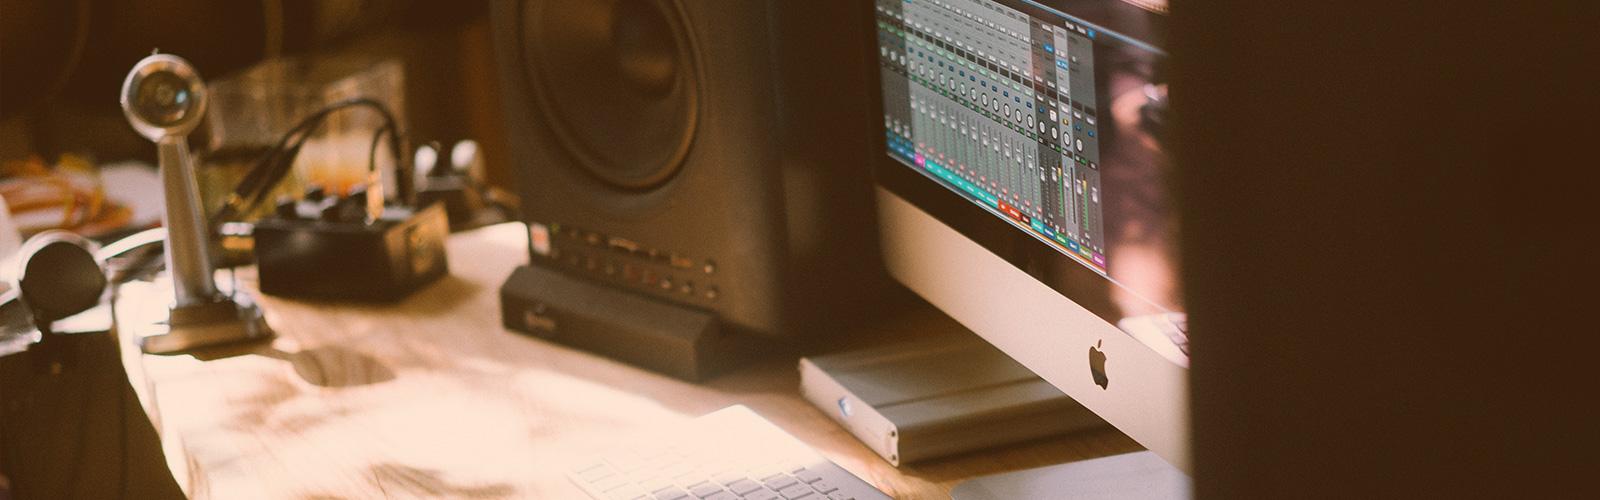 Le quattro workstation per l'audio digitale per principianti da noi consigliate